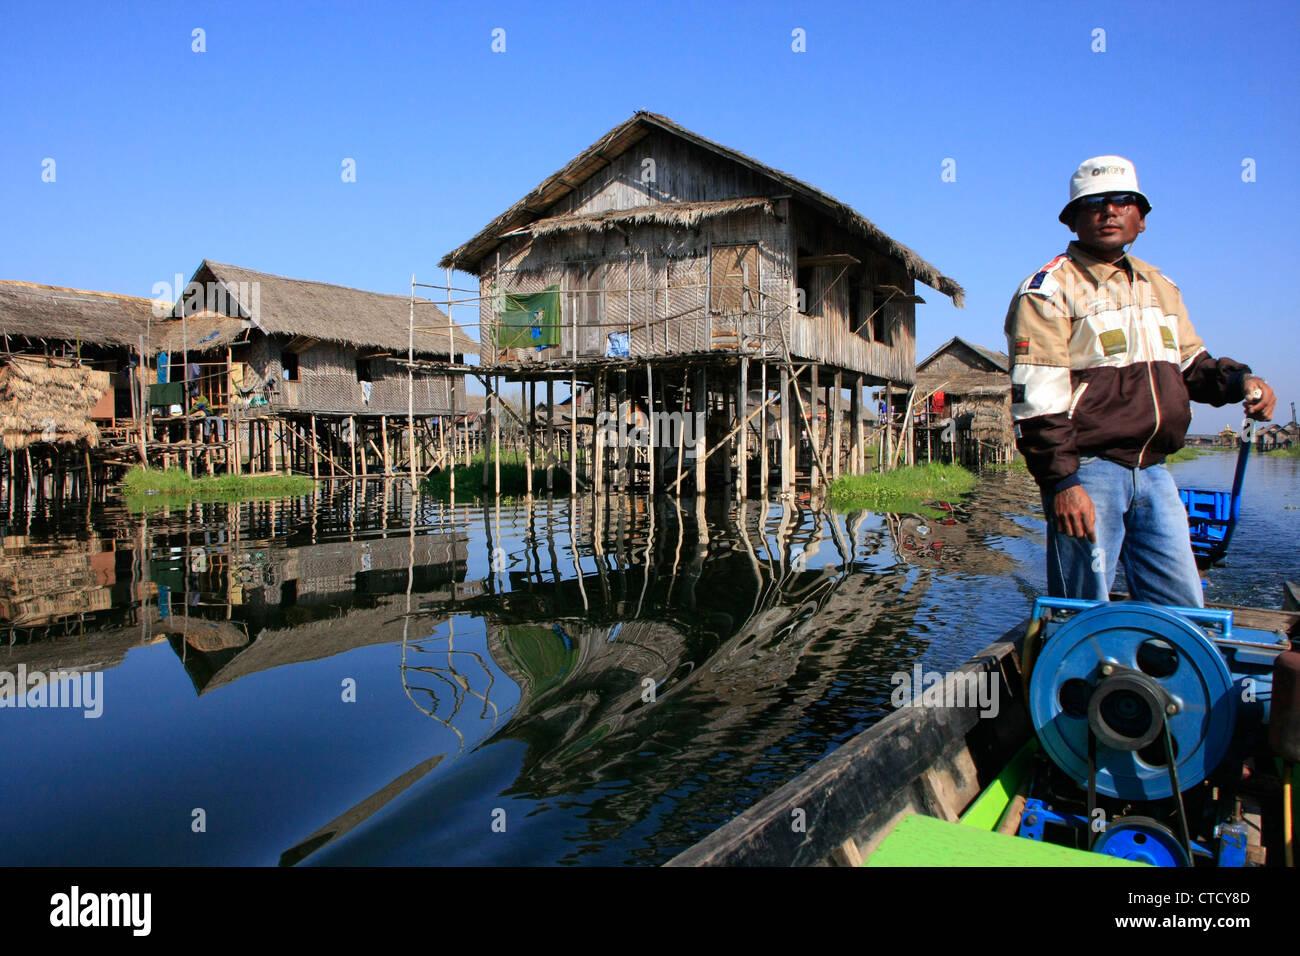 Barquero birmano conduciendo a través de pueblo flotante del lago Inle, el estado de Shan, en Myanmar, en el sudeste de Asia Foto de stock